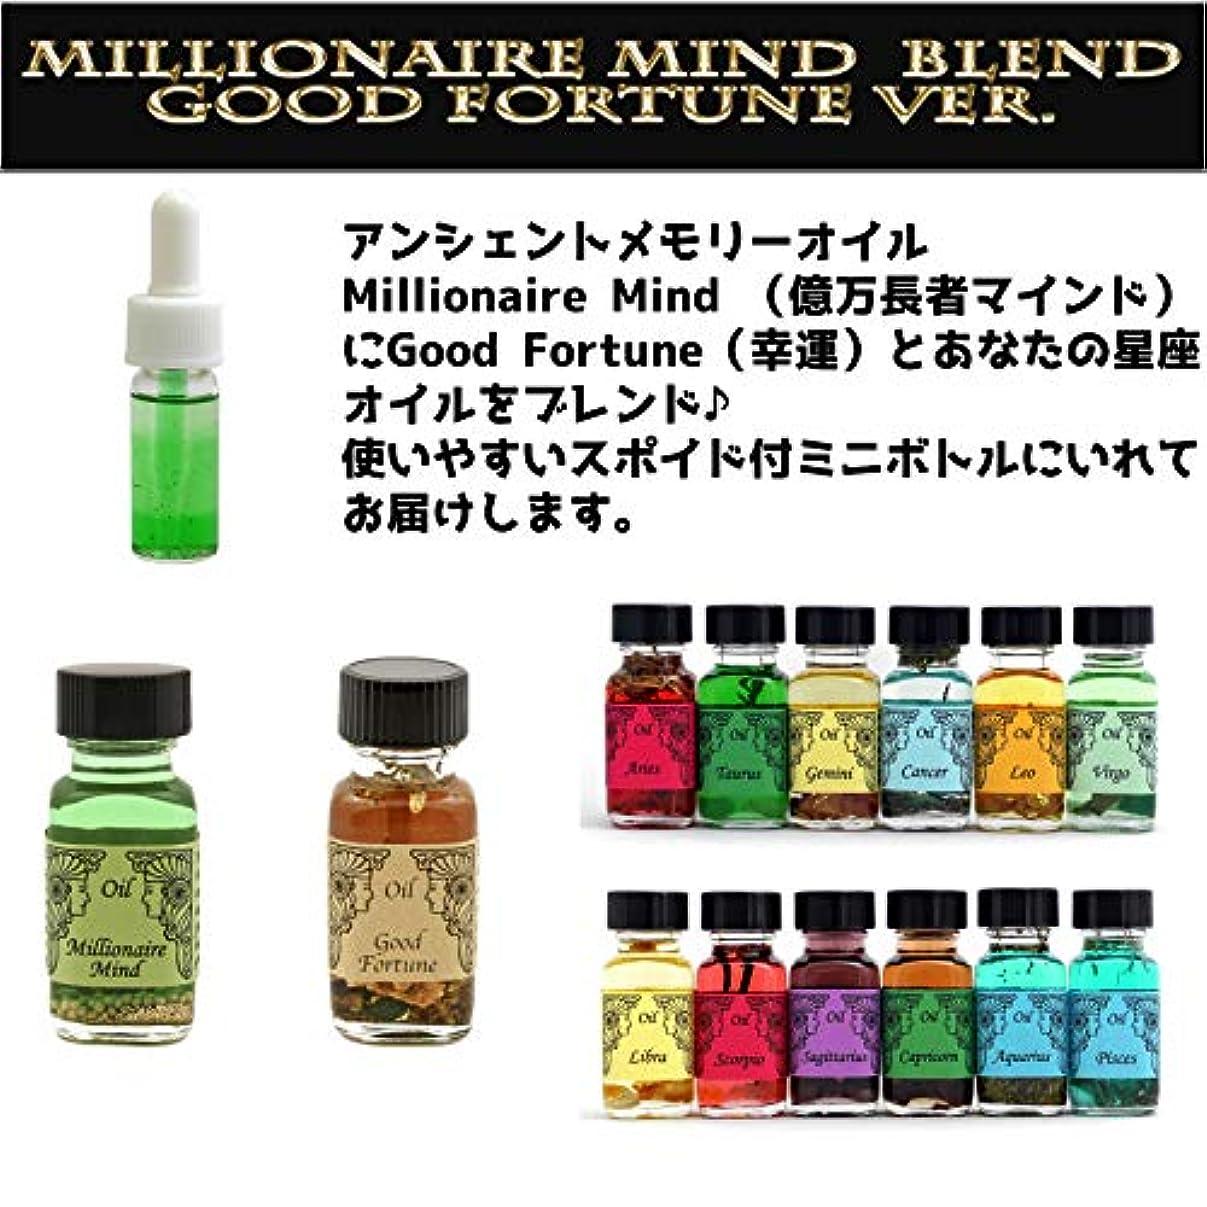 カレンダー今後キノコアンシェントメモリーオイル Millionaire Mind 億万長者マインド ブレンド【Good Fortune グッドフォーチュン 幸運&しし座】